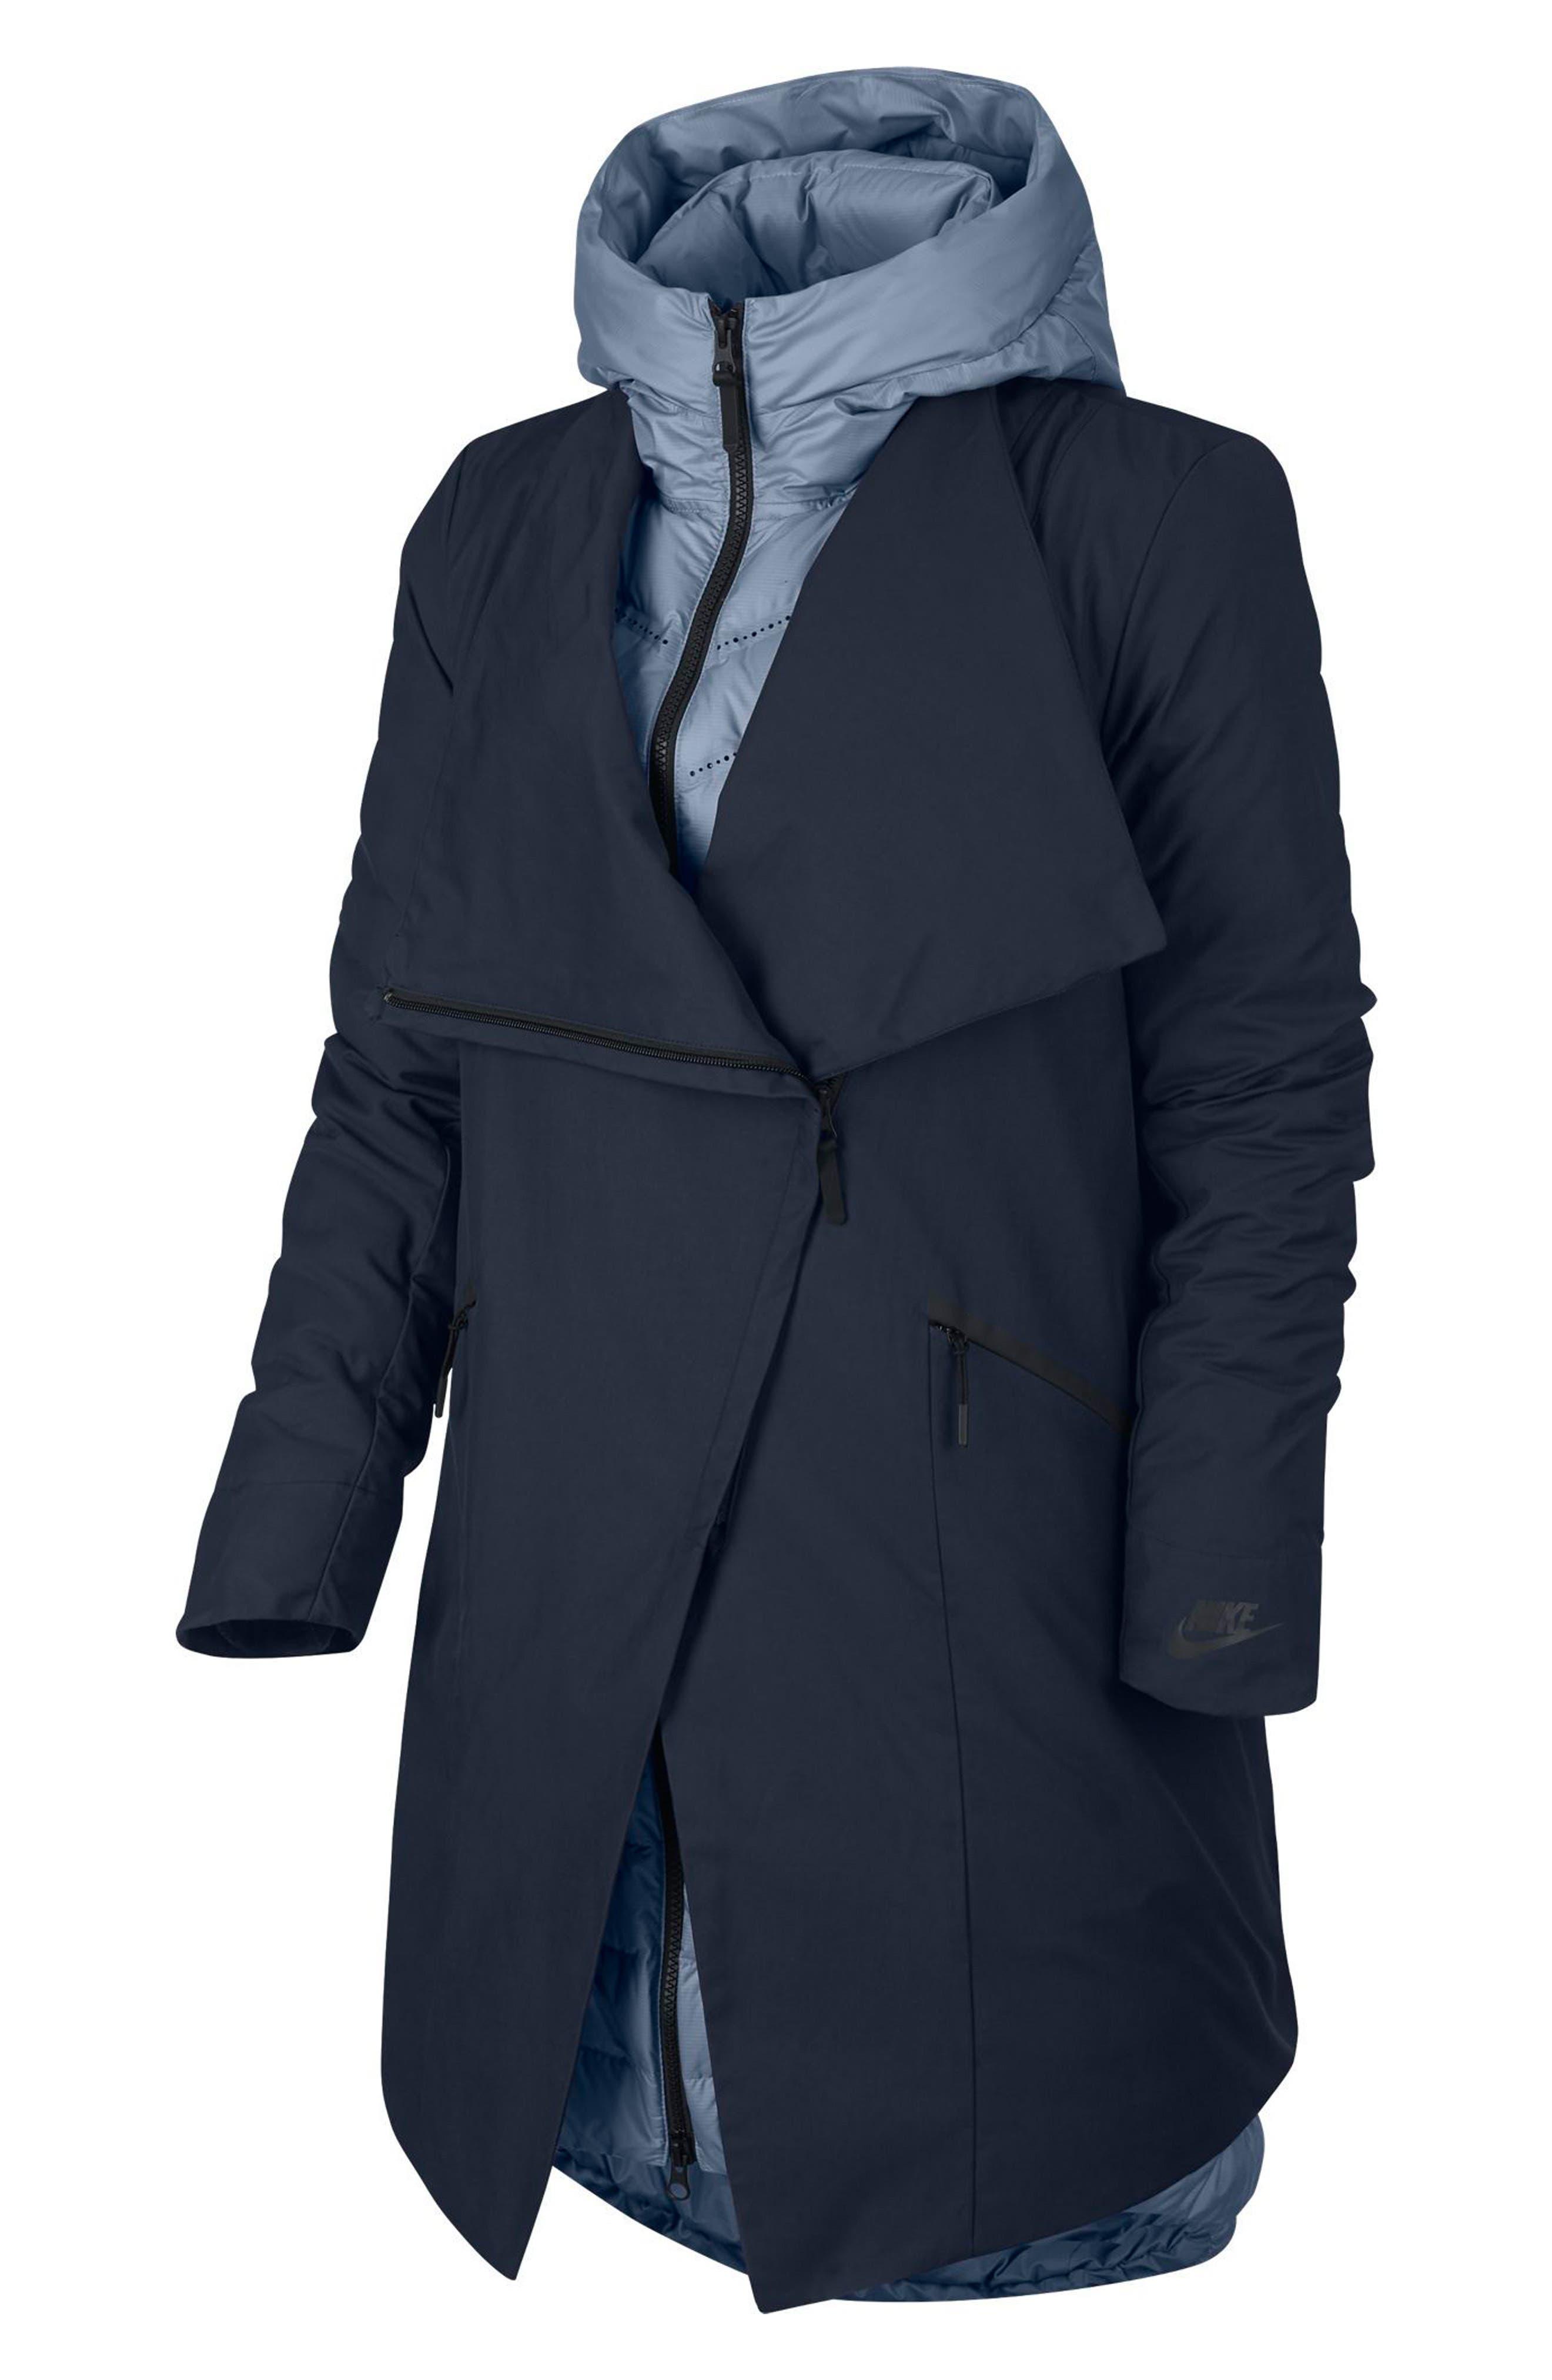 Sportswear Women's AeroLoft 3-in-1 Down Fill Parka,                         Main,                         color, OBSIDIAN/ GLACIER GREY/ BLACK